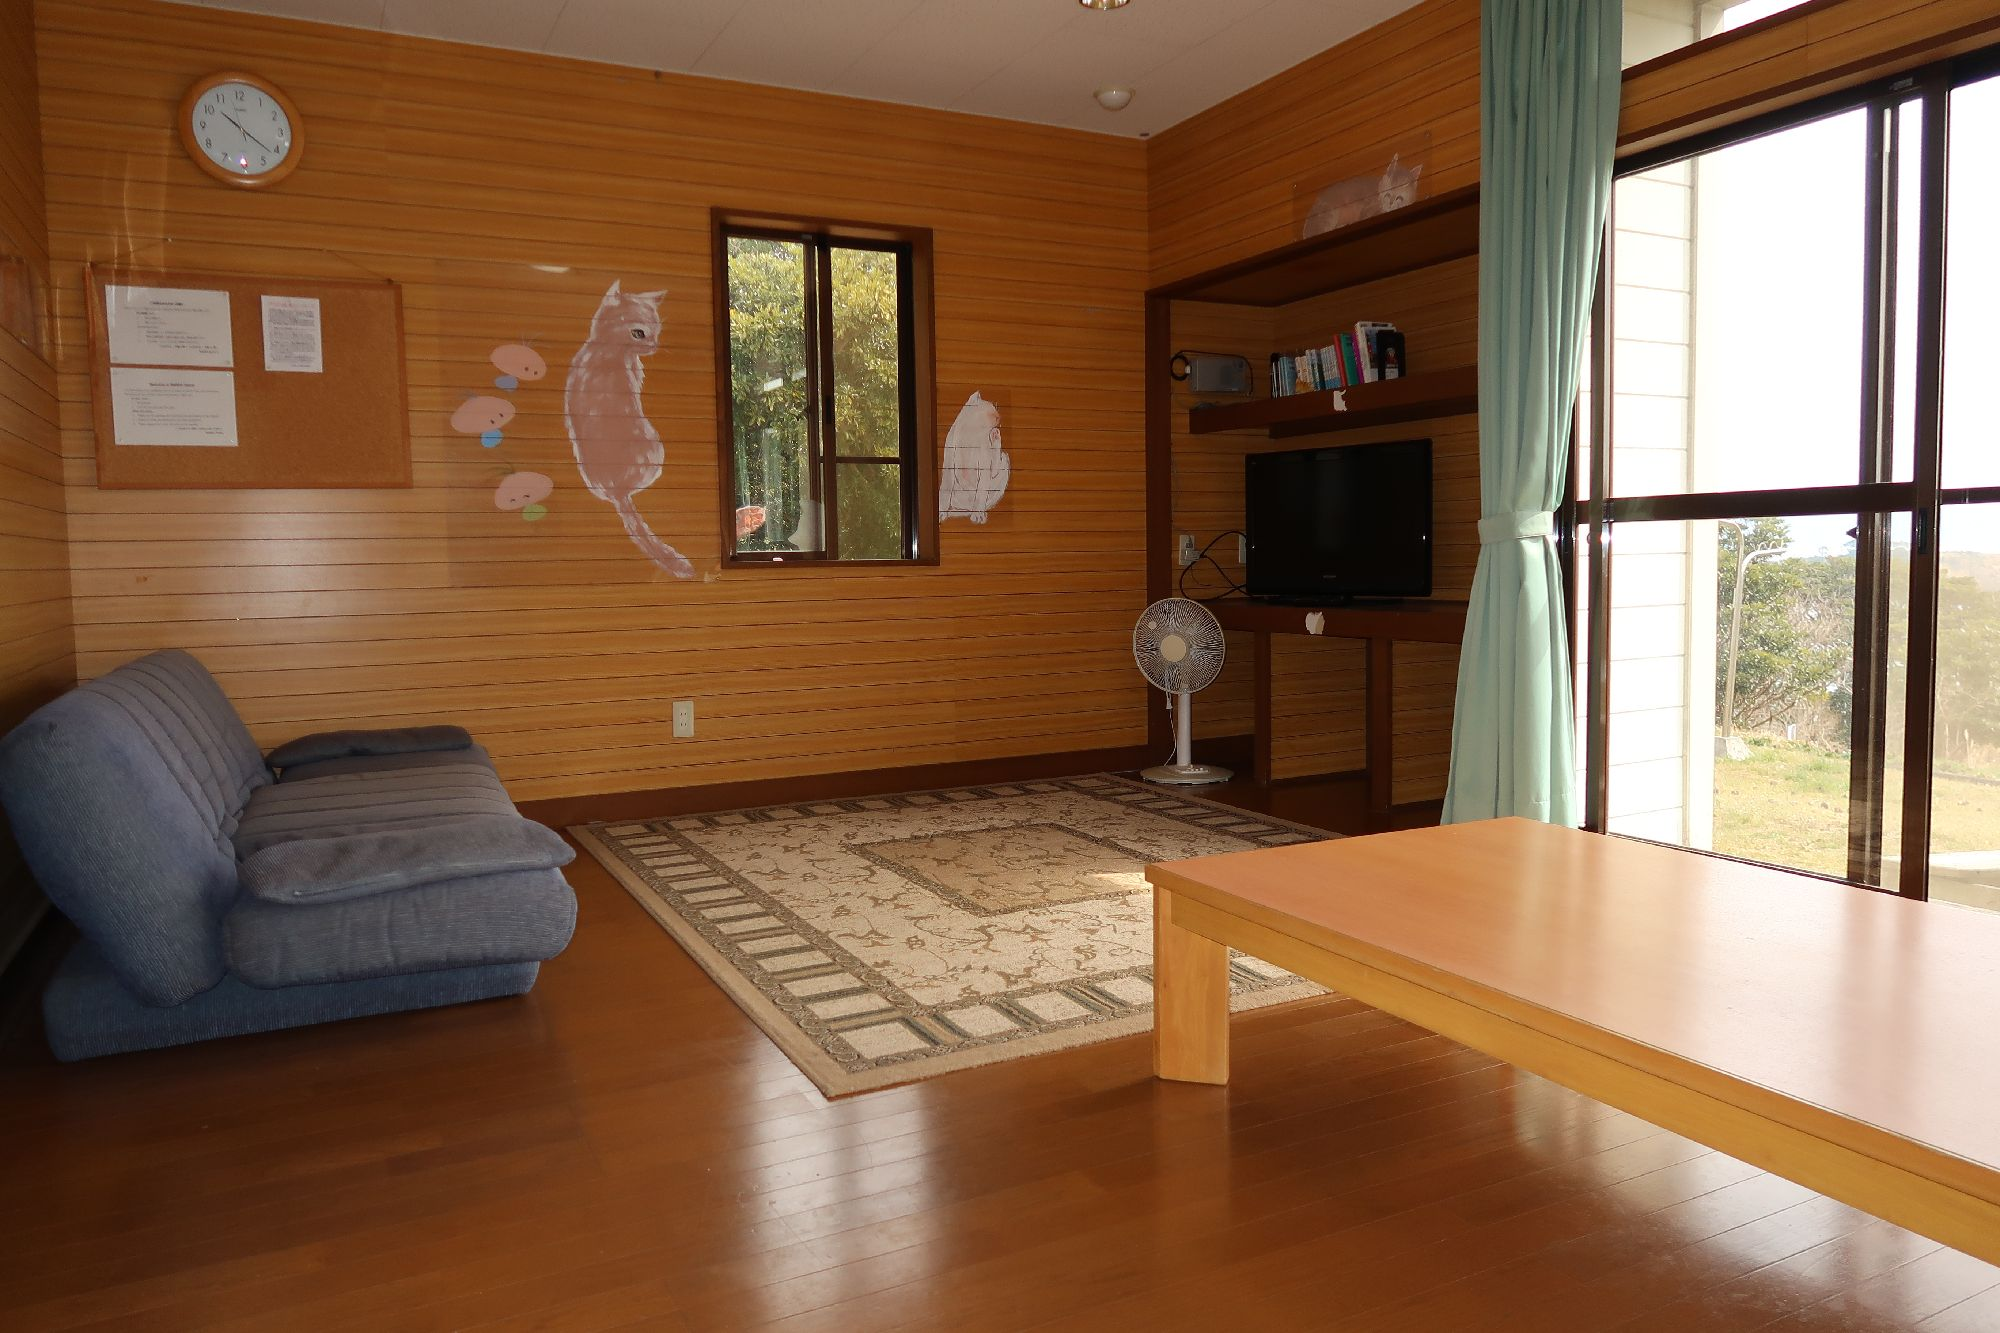 田代島マンガアイランド・しまロッジ 宿泊予約【2019年4月20日~9月30日まで】